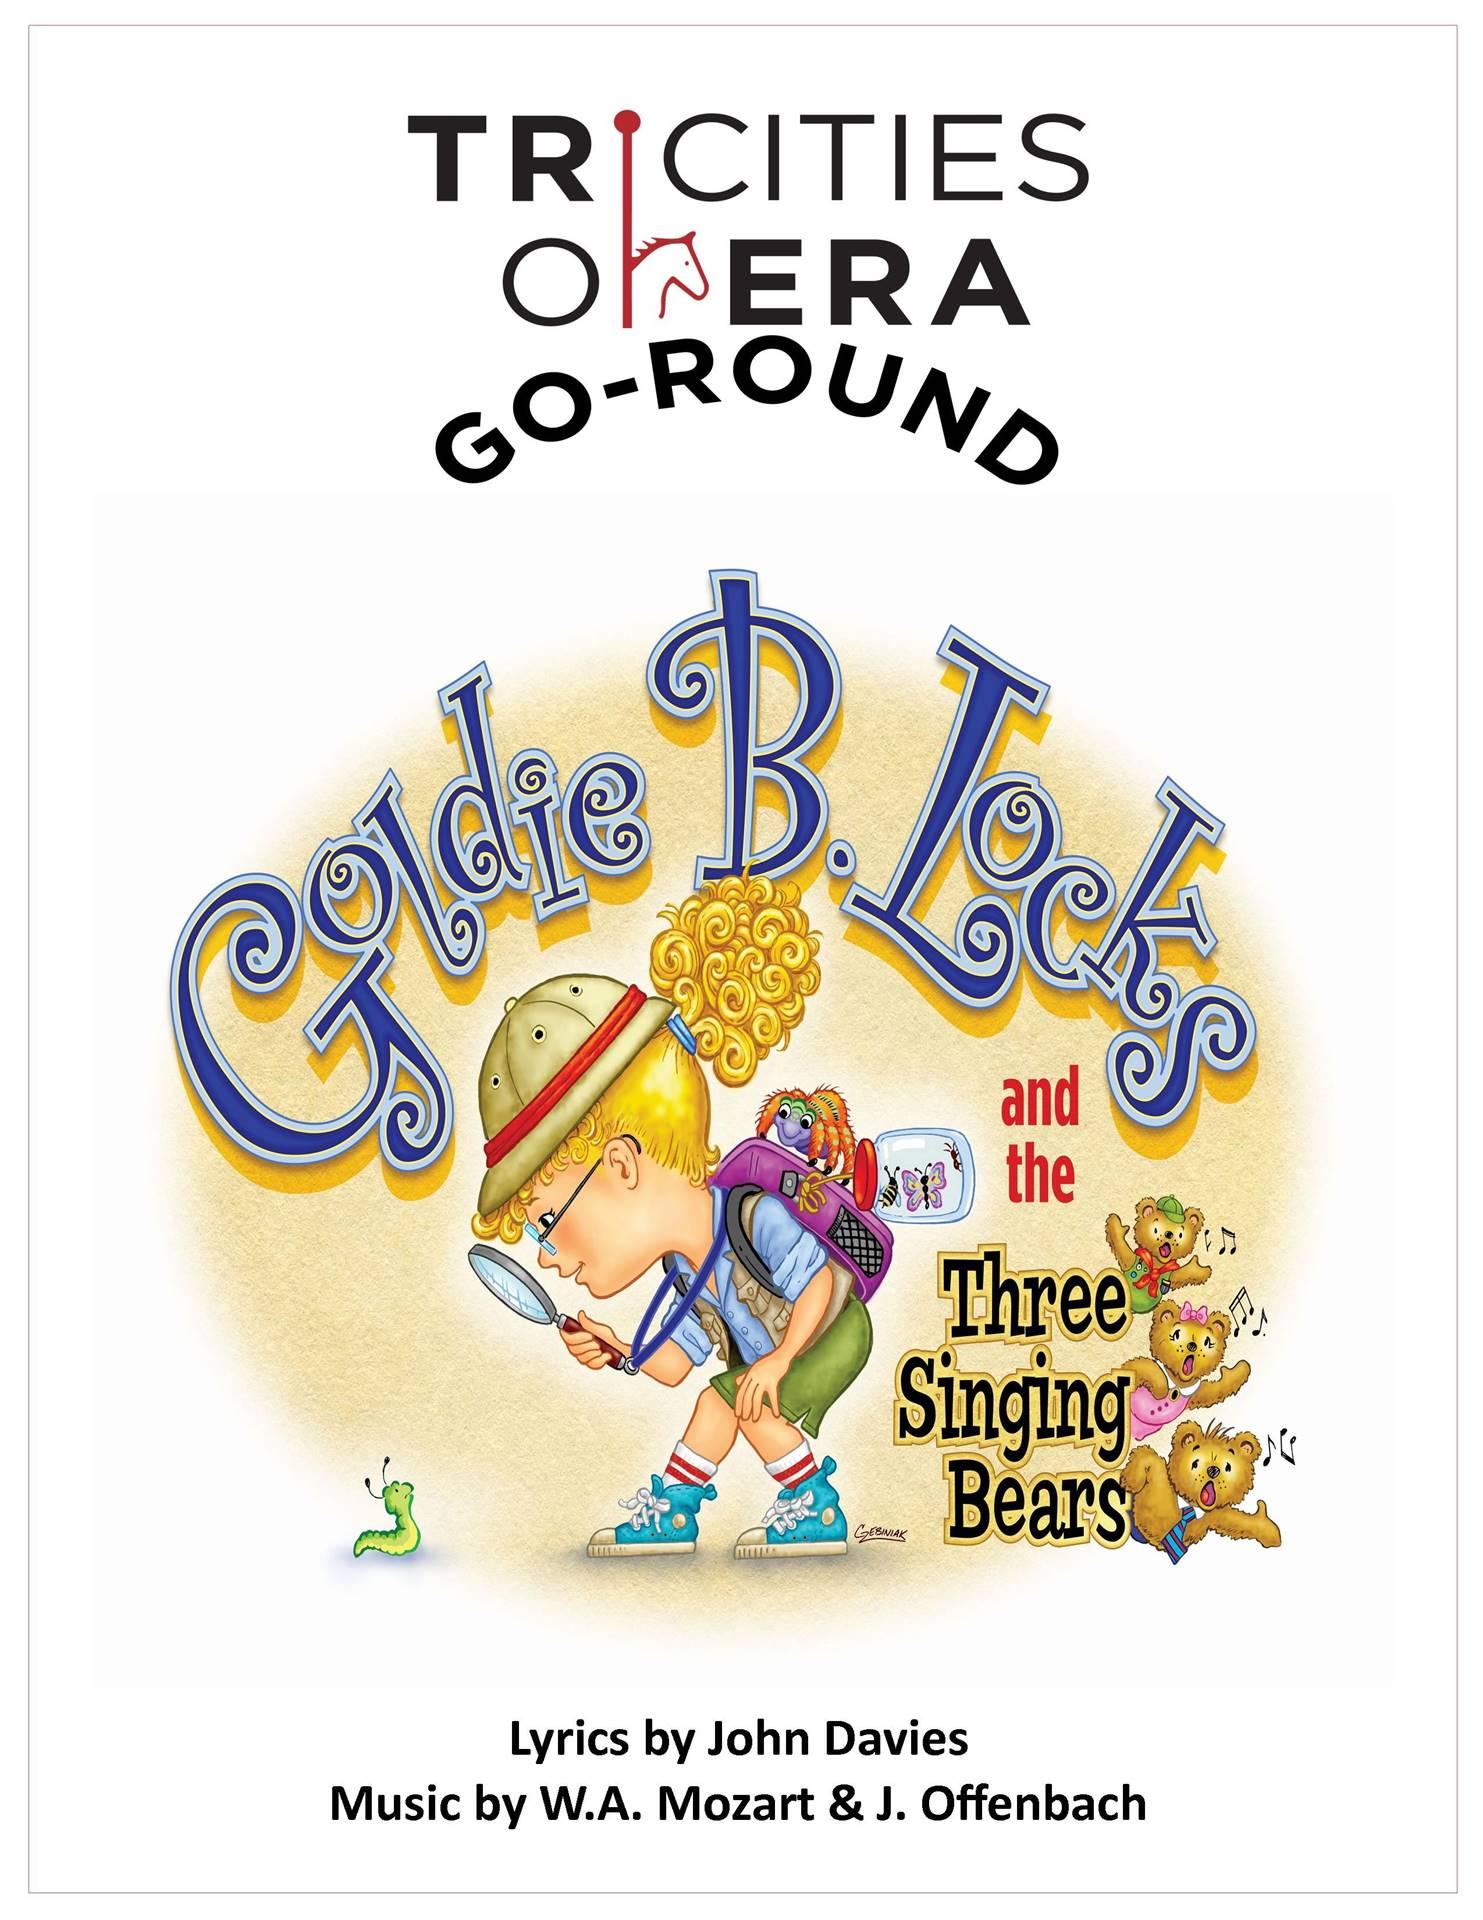 Goldie B. Locks-Tri Cities Opera